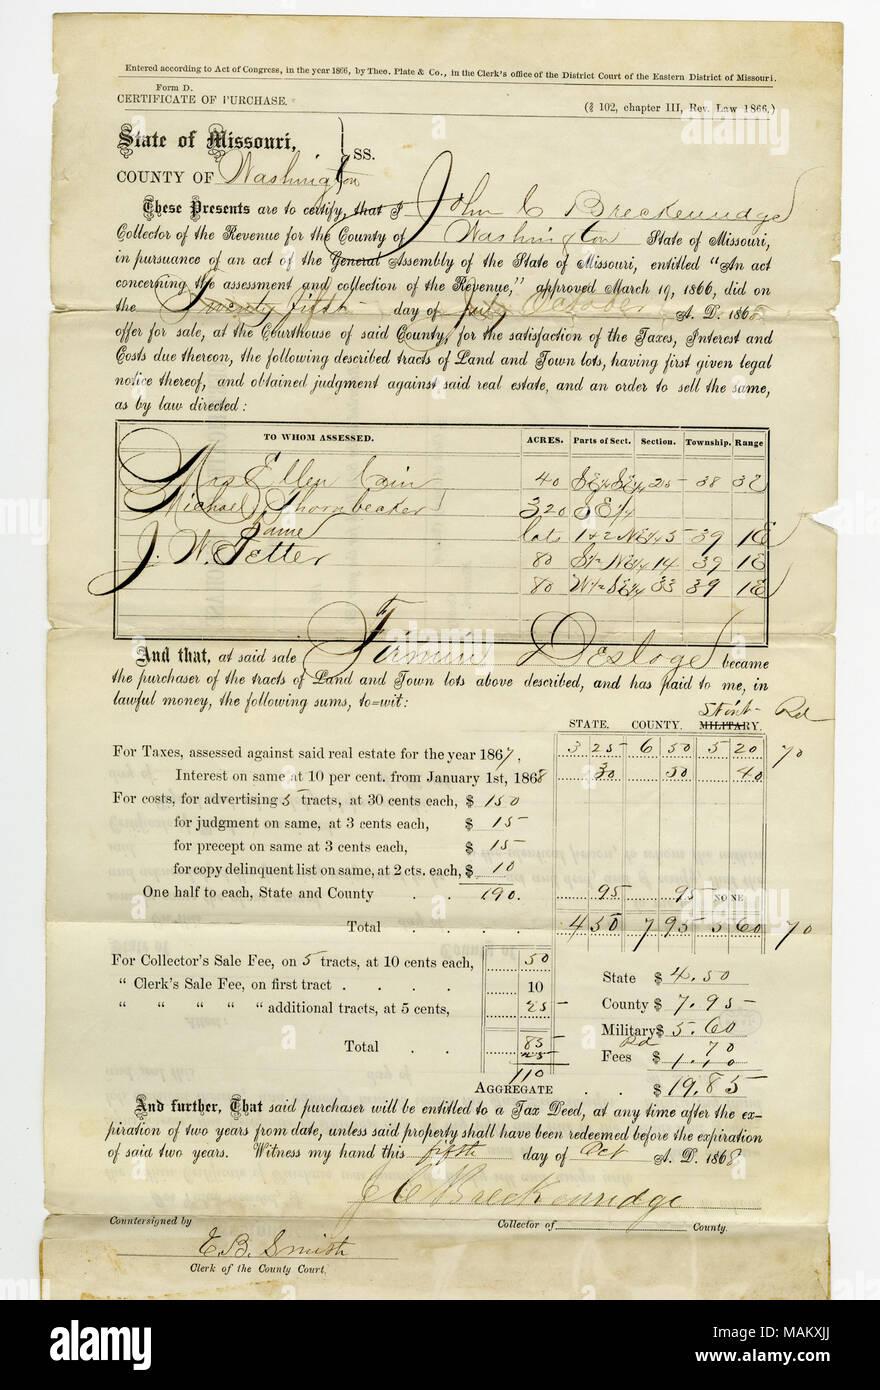 Acquisto della proprietà dalla contea per il passato a causa delle imposte da Firmin Desloge nella quantità di $19,85 a Potosi, 5 pacchi contenenti circa 520 ettari nella contea di Washington. Titolo: Certificato di acquisto firmato John C. Breckenridge, collezionista di Washington County, 5 ottobre 1868 . Il 5 ottobre 1868. Breckenridge, John C. Immagini Stock